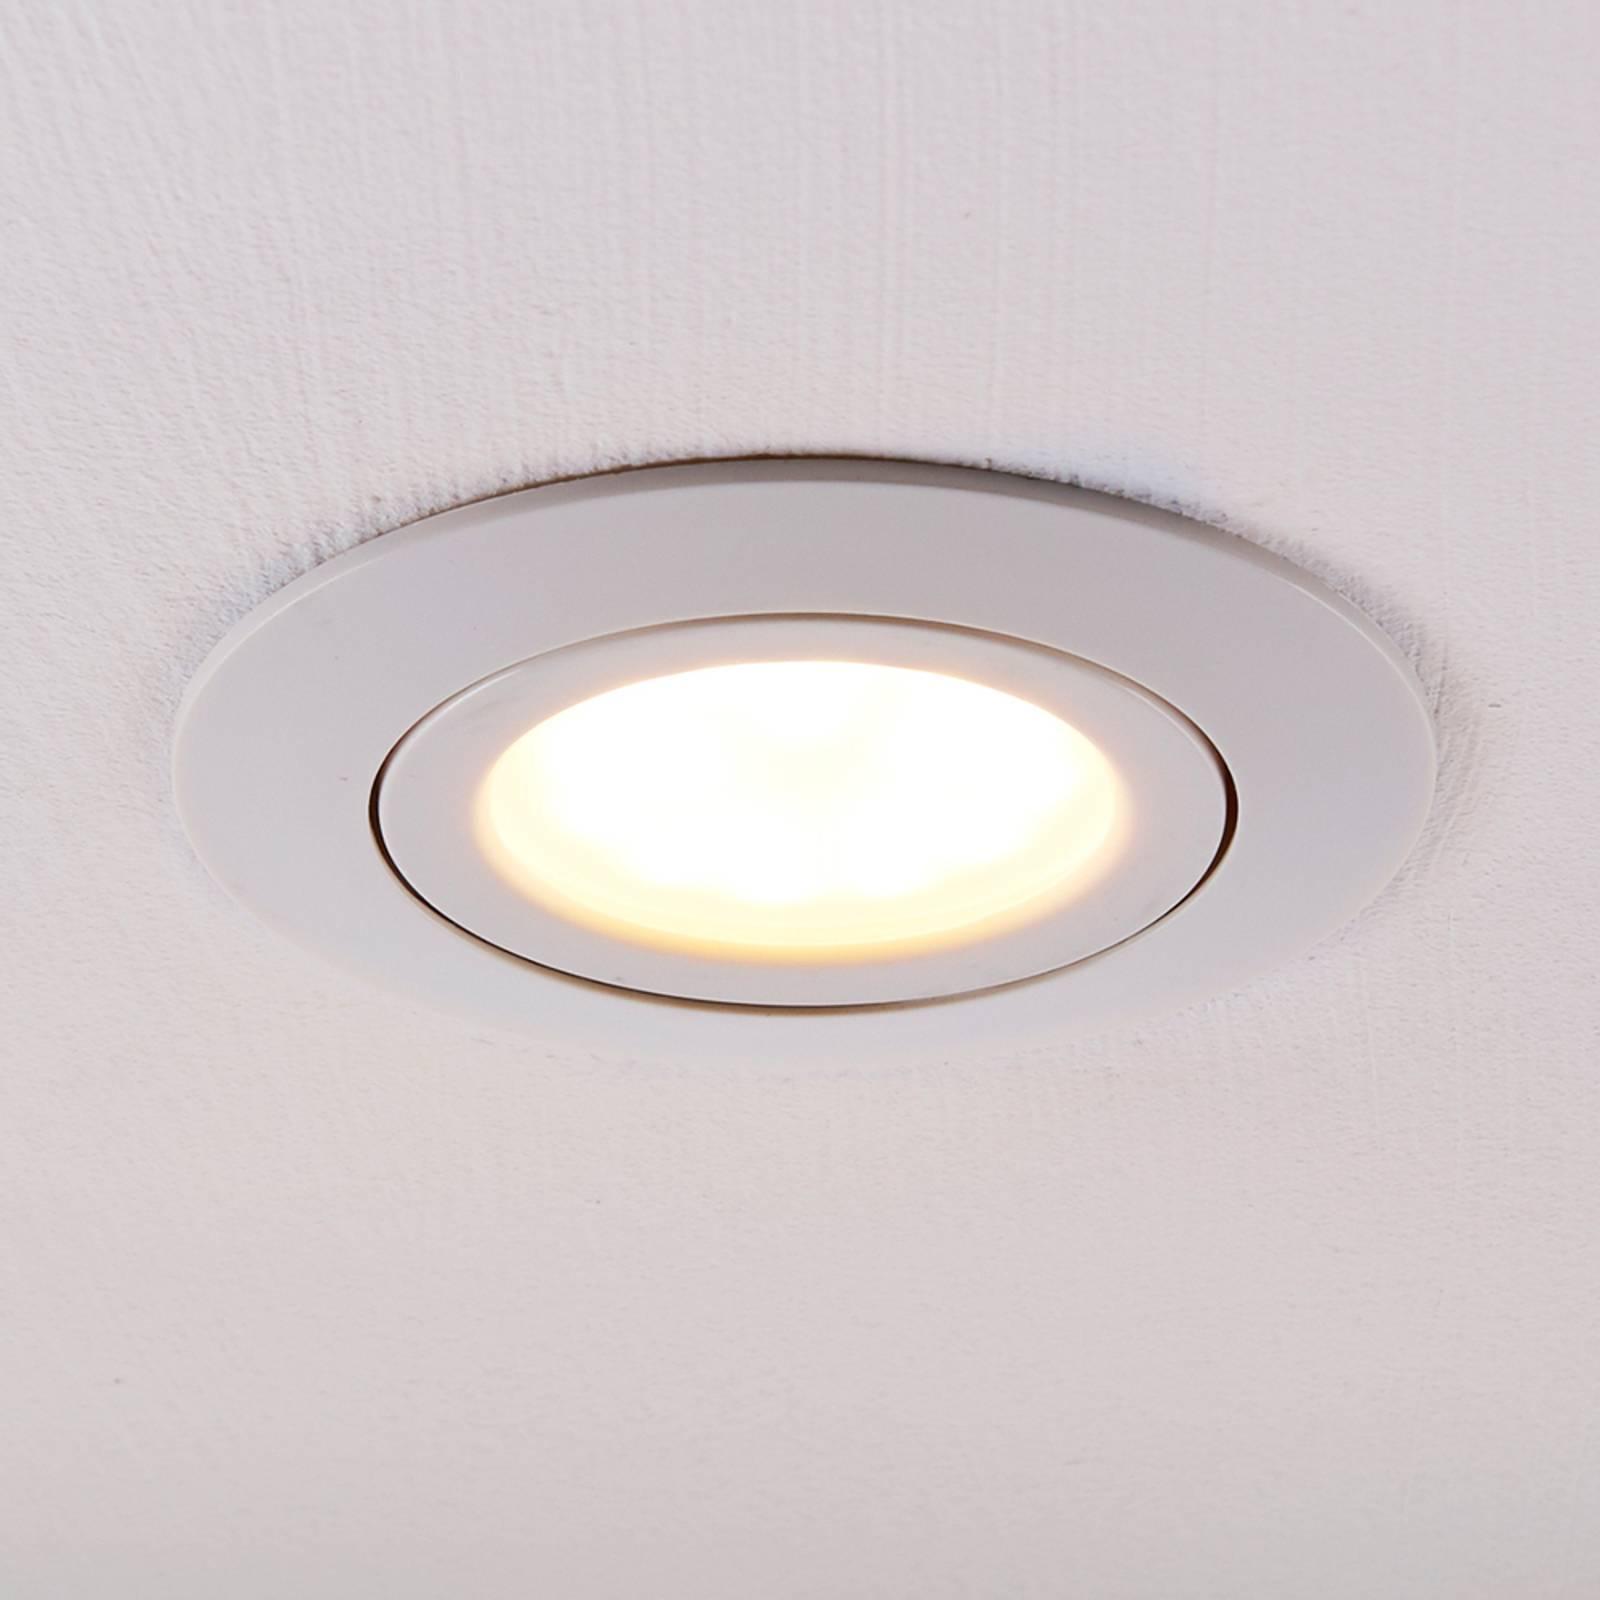 LED-kohdevalaisin Andrej, pyöreä, valkoinen